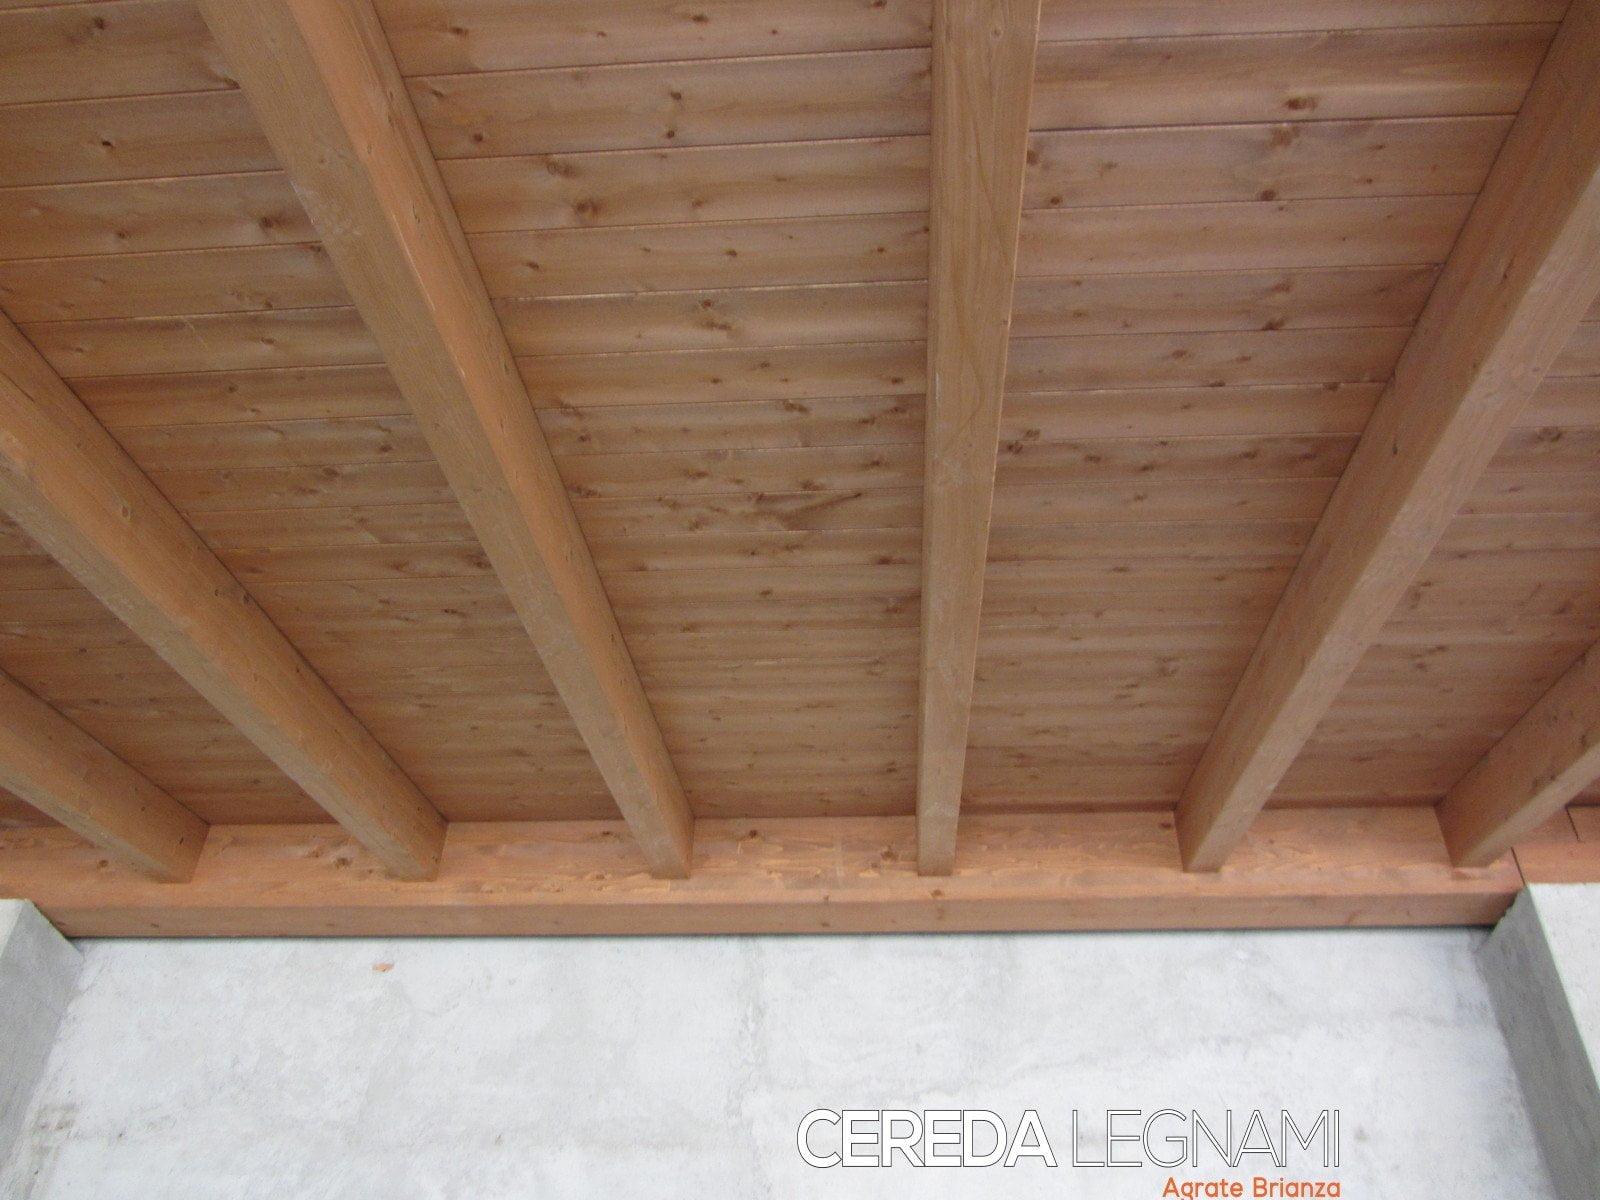 Soffitto In Legno Lamellare : Perline legno verniciata cereda legnami agrate brianza